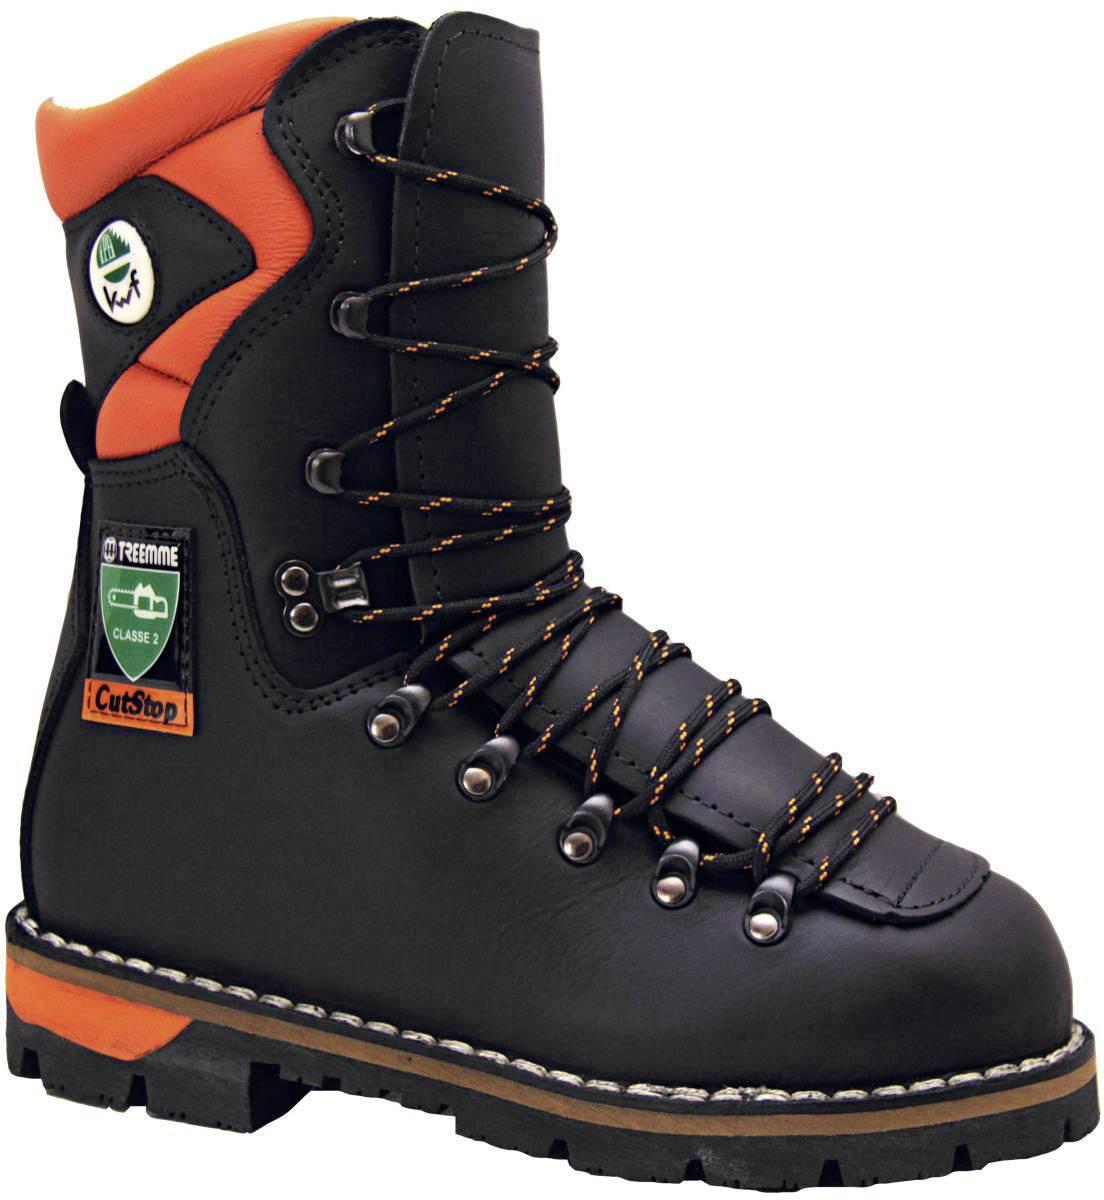 Bezpečnostná obuv s ochranou proti porezaniu S3 Treemme 2435, veľ.: 45, čierna, 1 pár